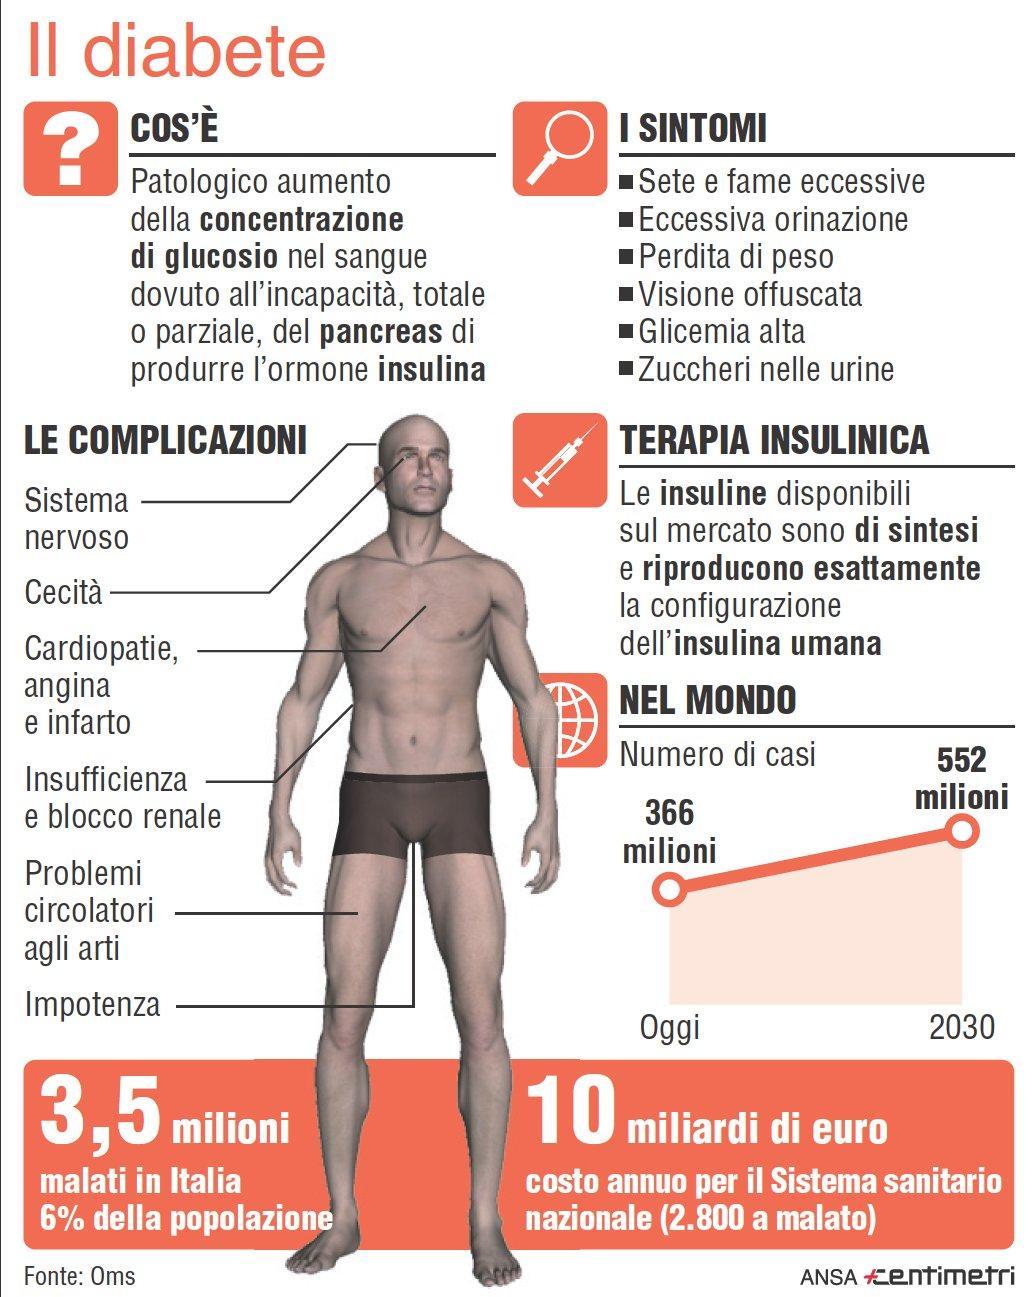 Diabete Mellito: cause, tipologie, sintomi, diagnosi e cura